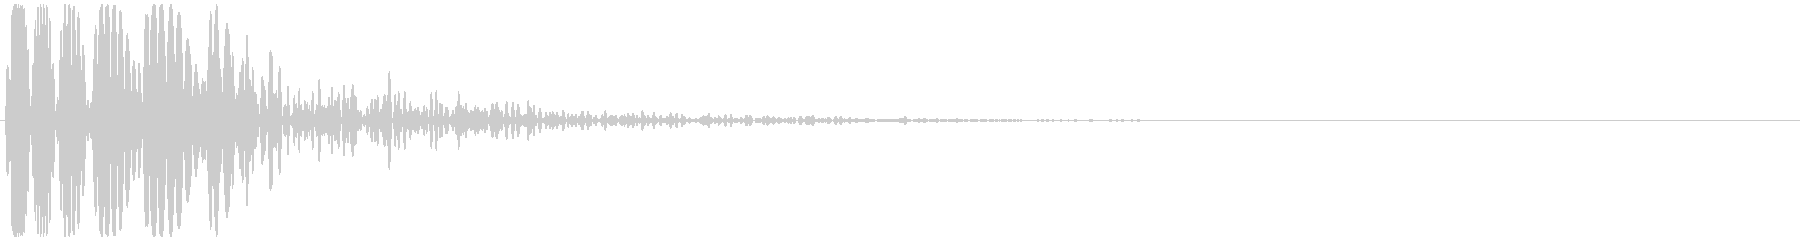 ドゥゥー 映画の予告など(インパクト音)の未再生の波形